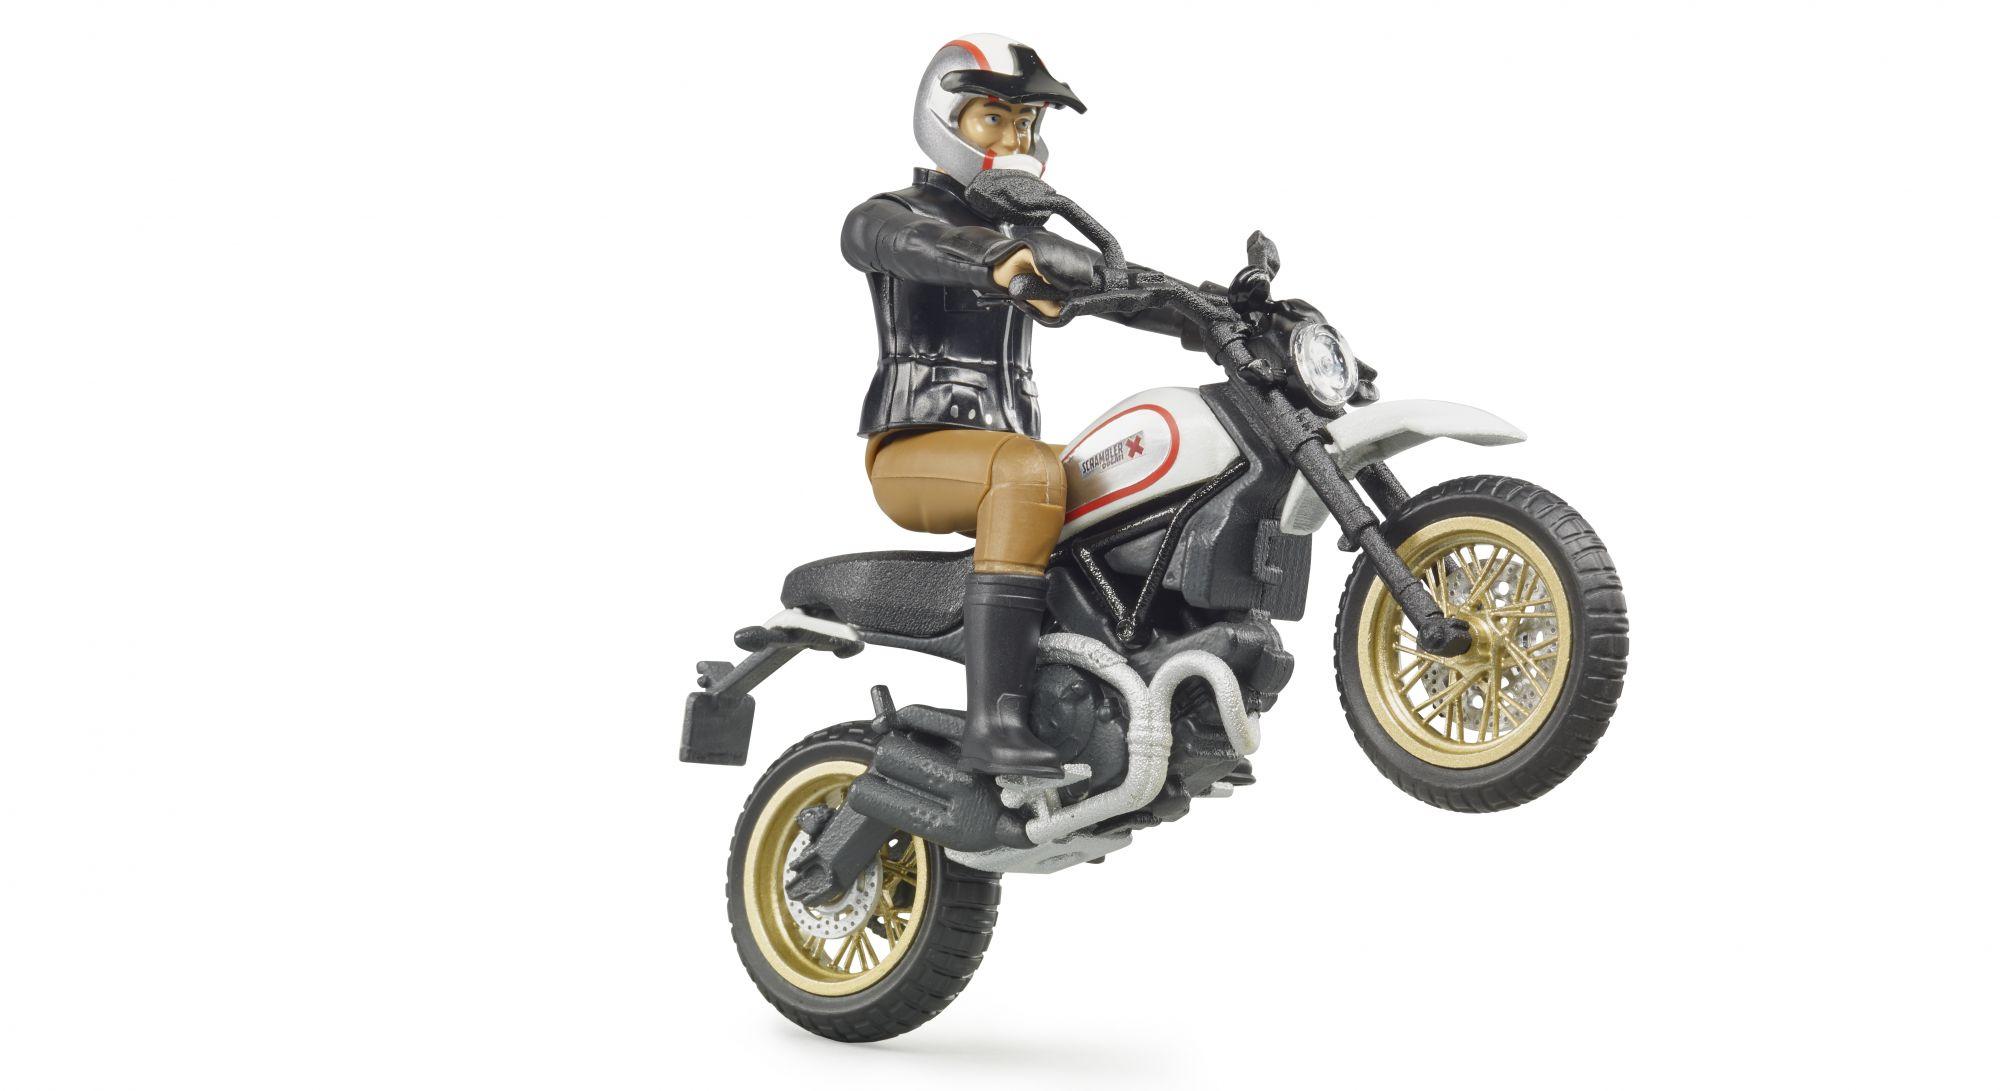 Bruder 63051 - Ducati Scrambler Desert Sled speelgoed motor